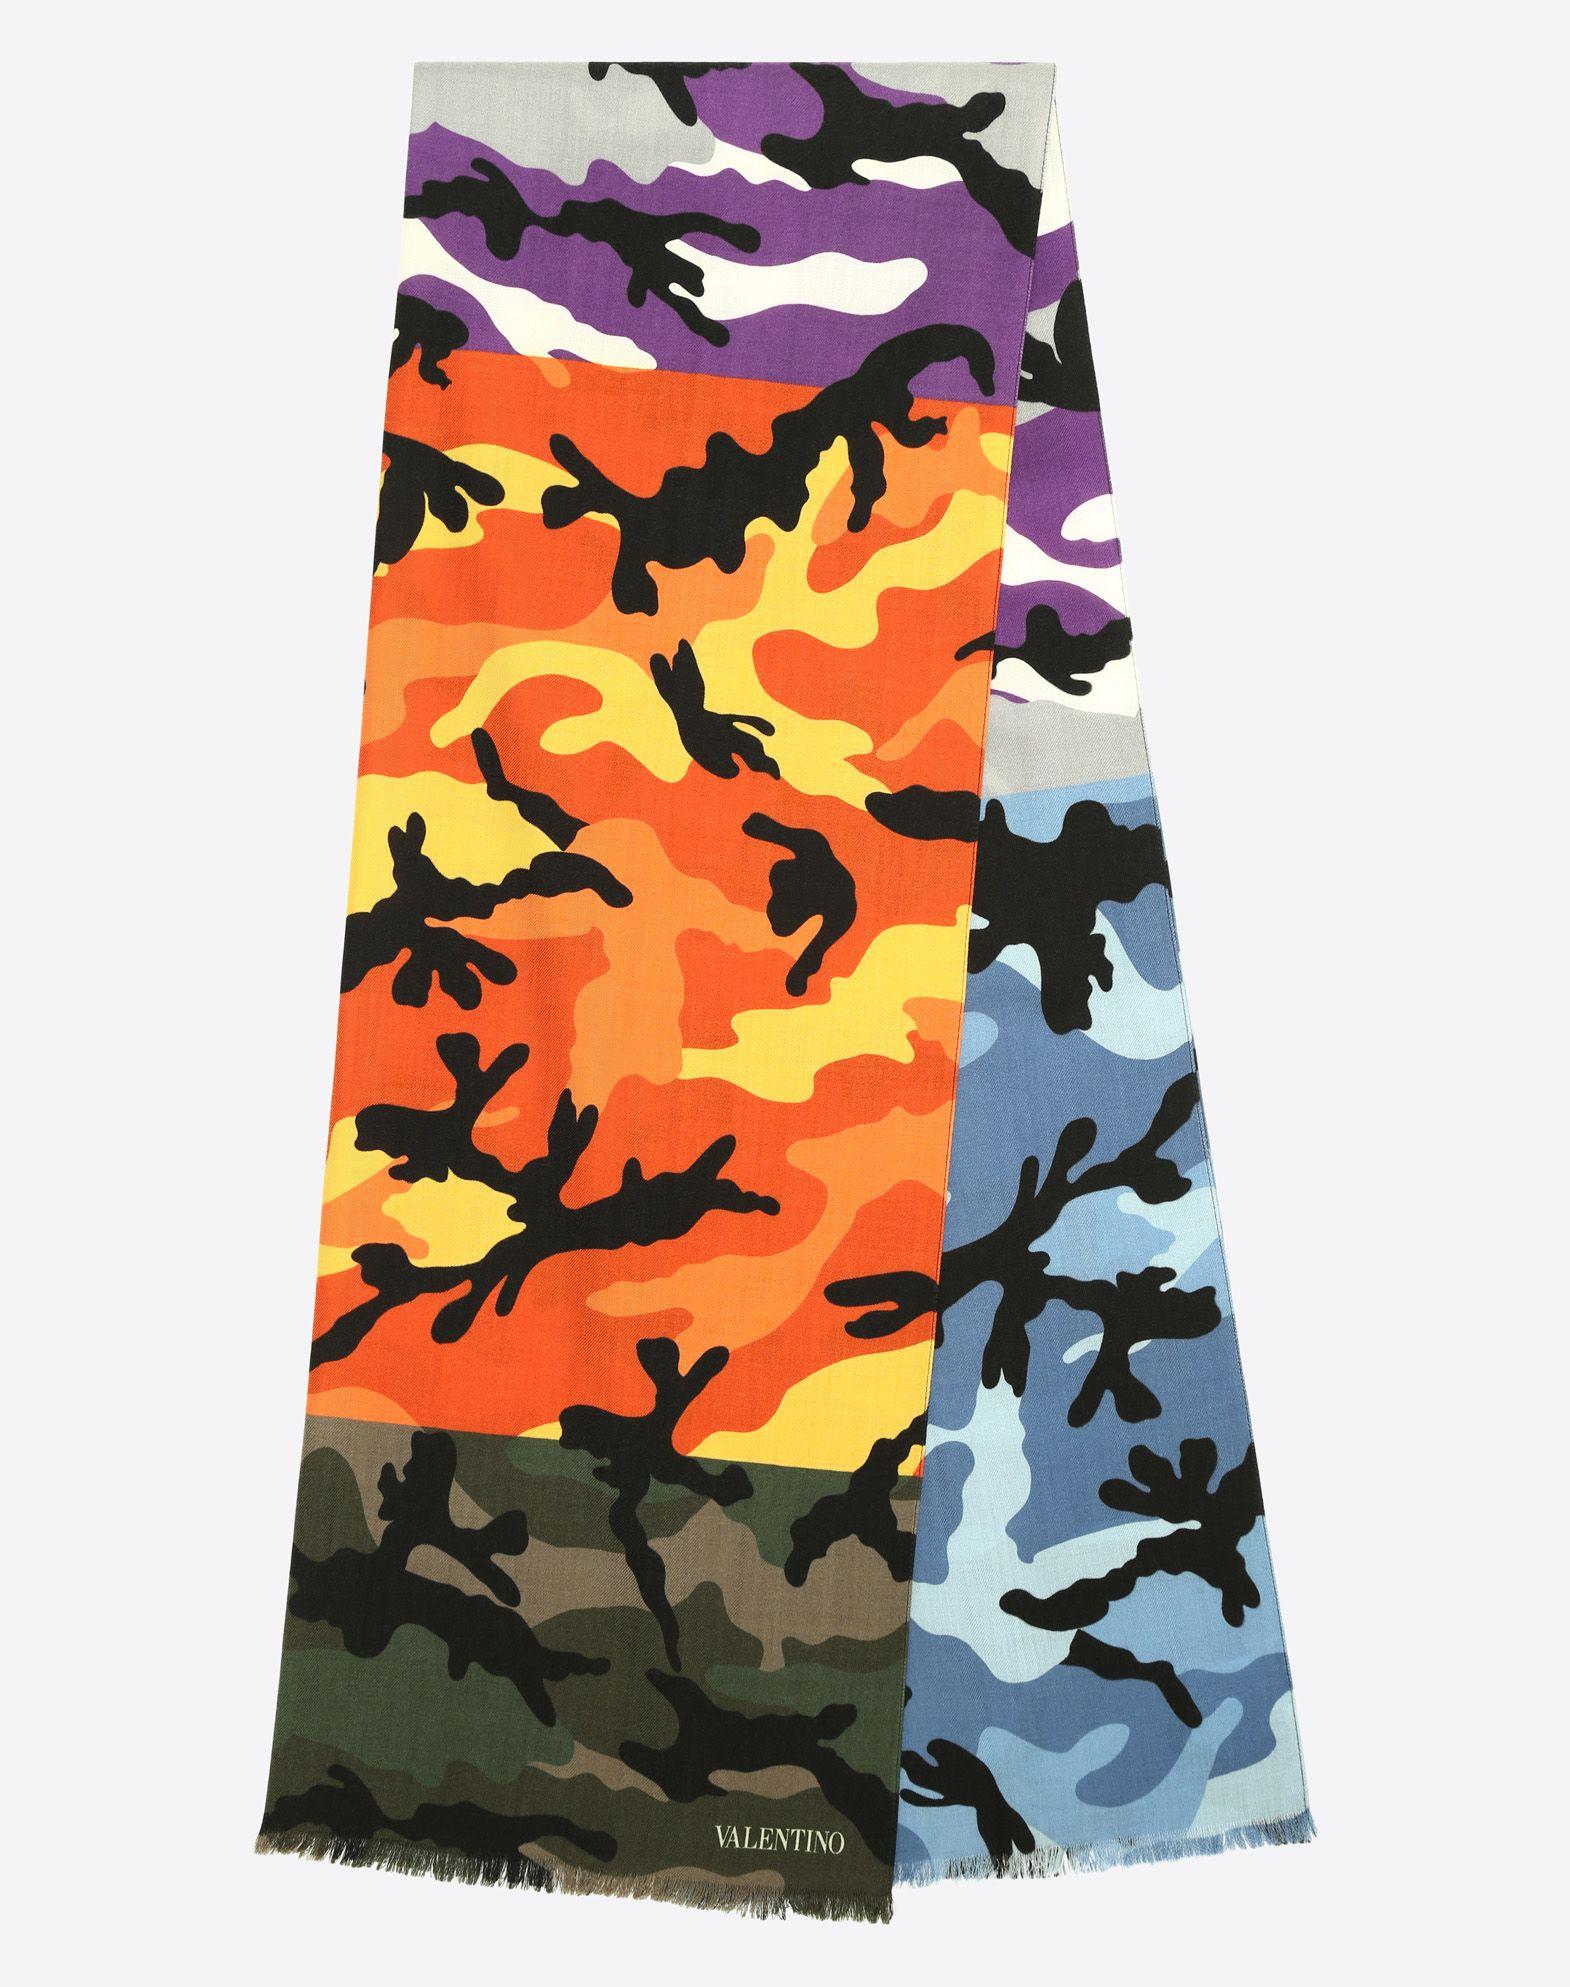 VALENTINO UOMO Bufanda Camouflage 70x200 cm      Estola U r